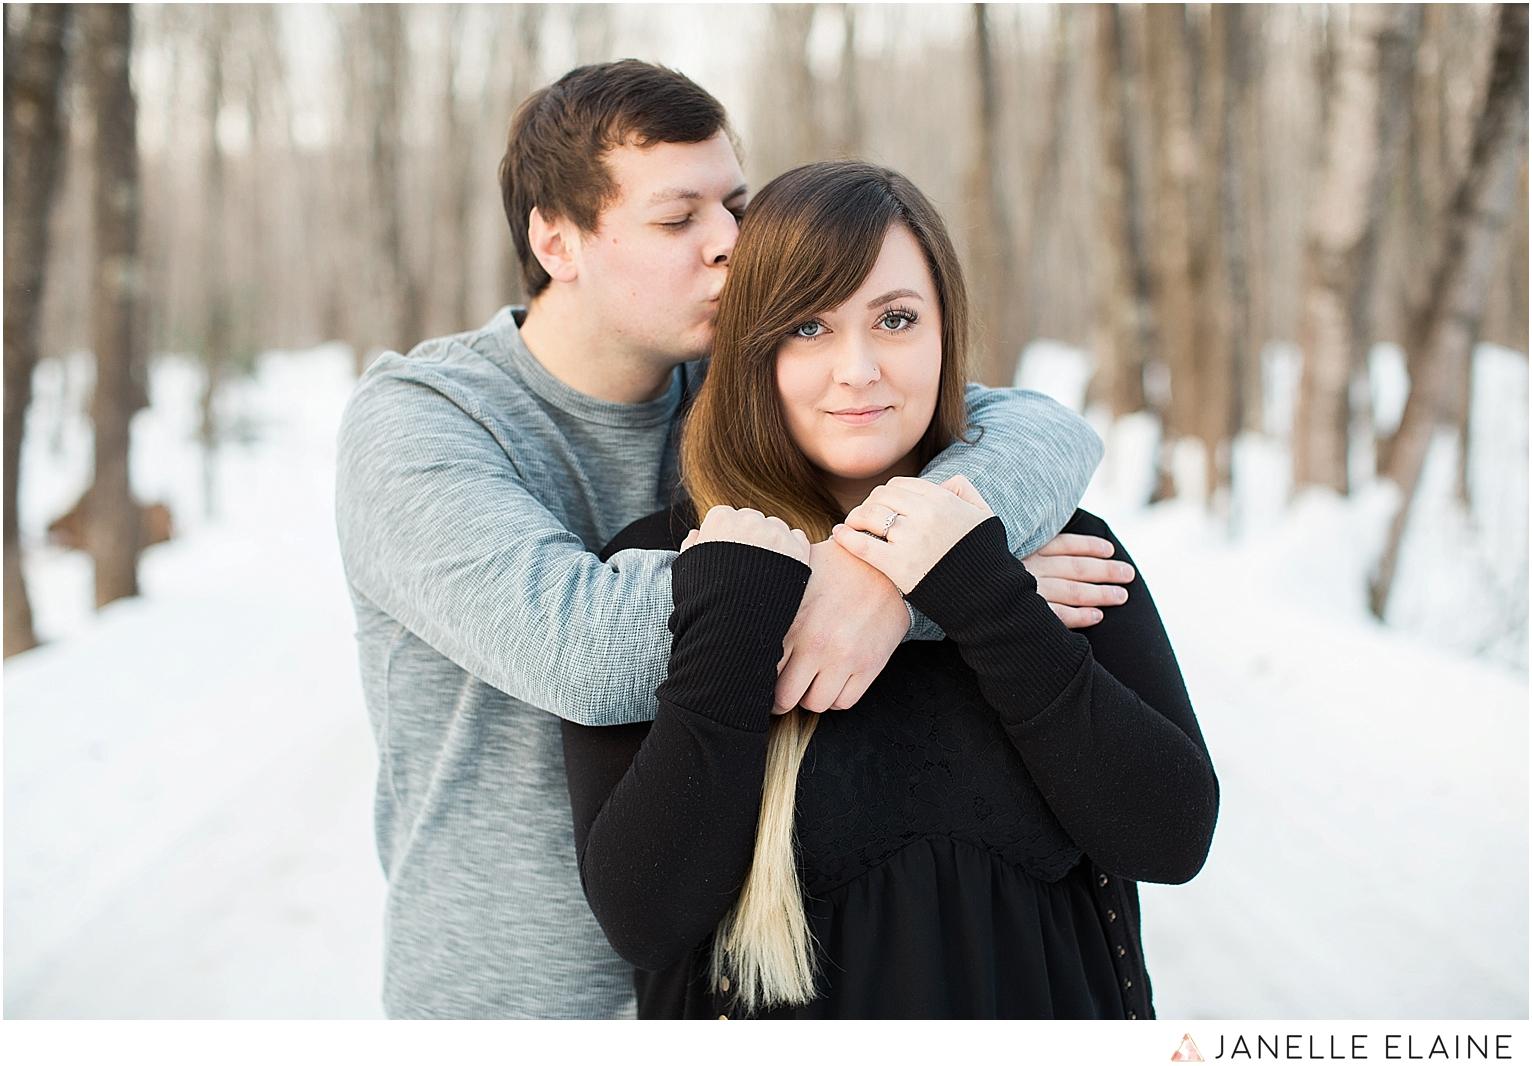 seattle-washington-engagement-photographers-janelle elaine-50.jpg